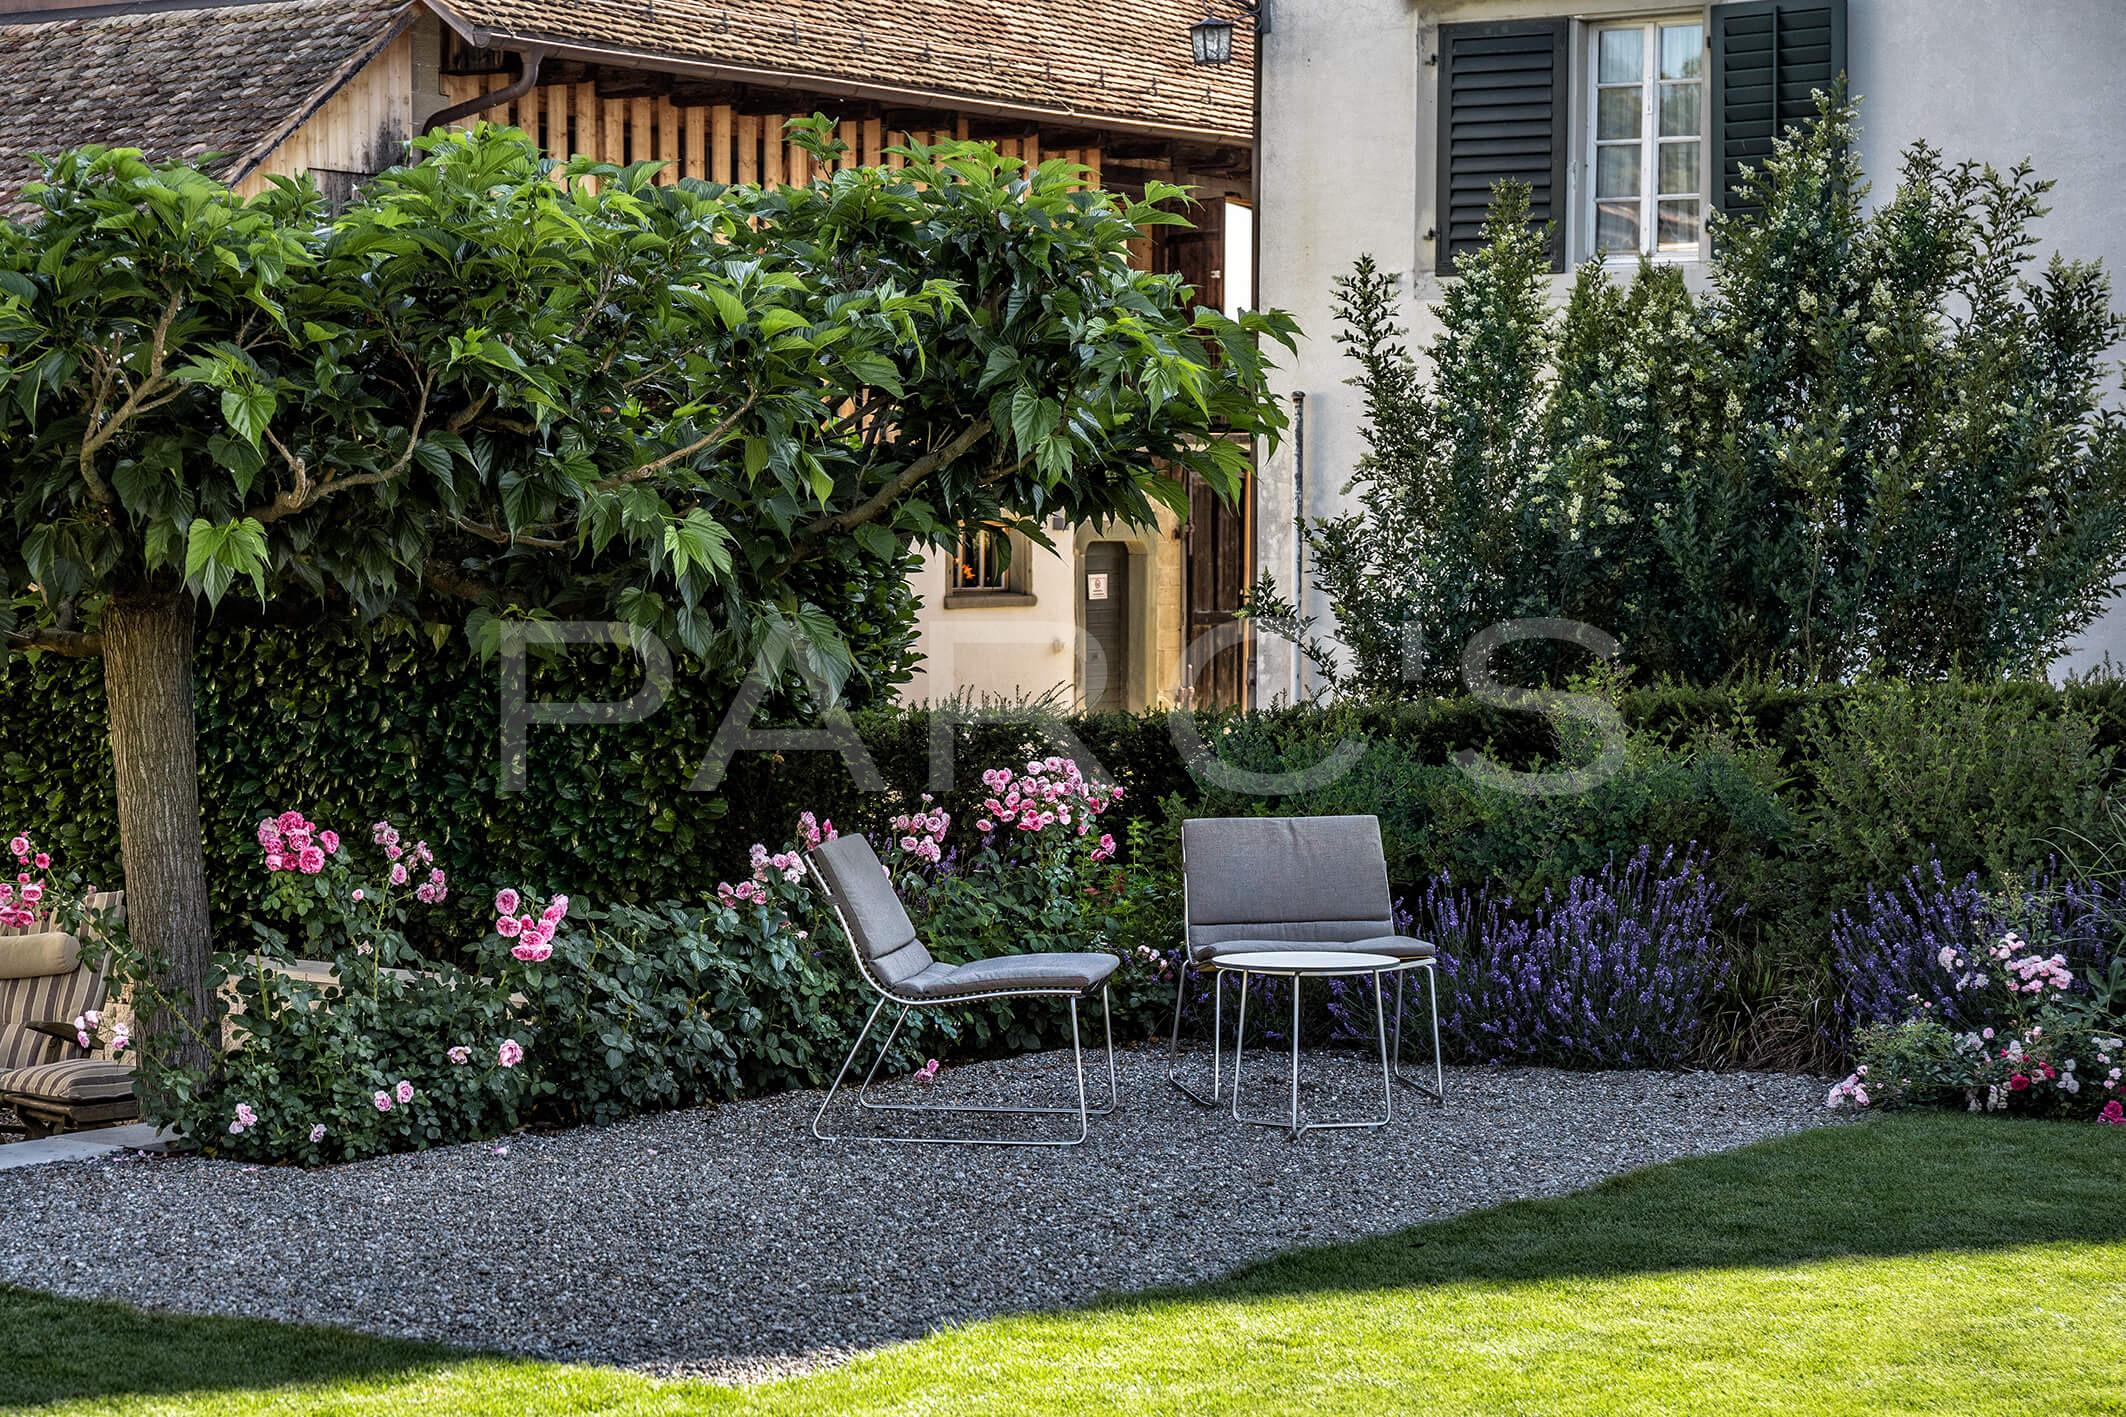 Verspielter Traumgarten Mit Wunderbarem Ausblick Parcs